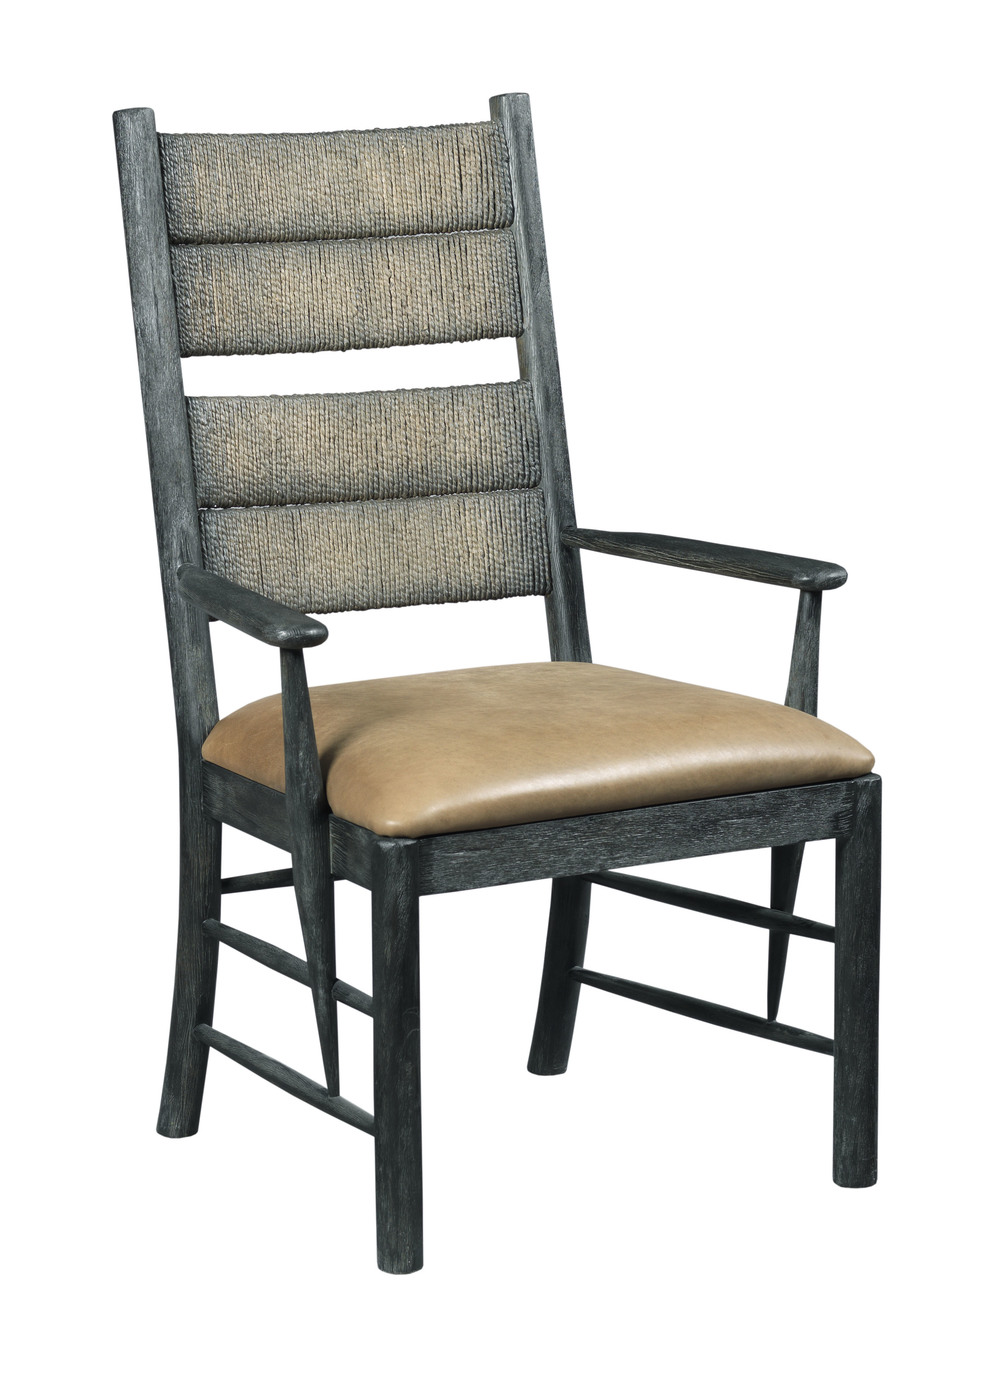 Kincaid Furniture - Cypress Arm Chair